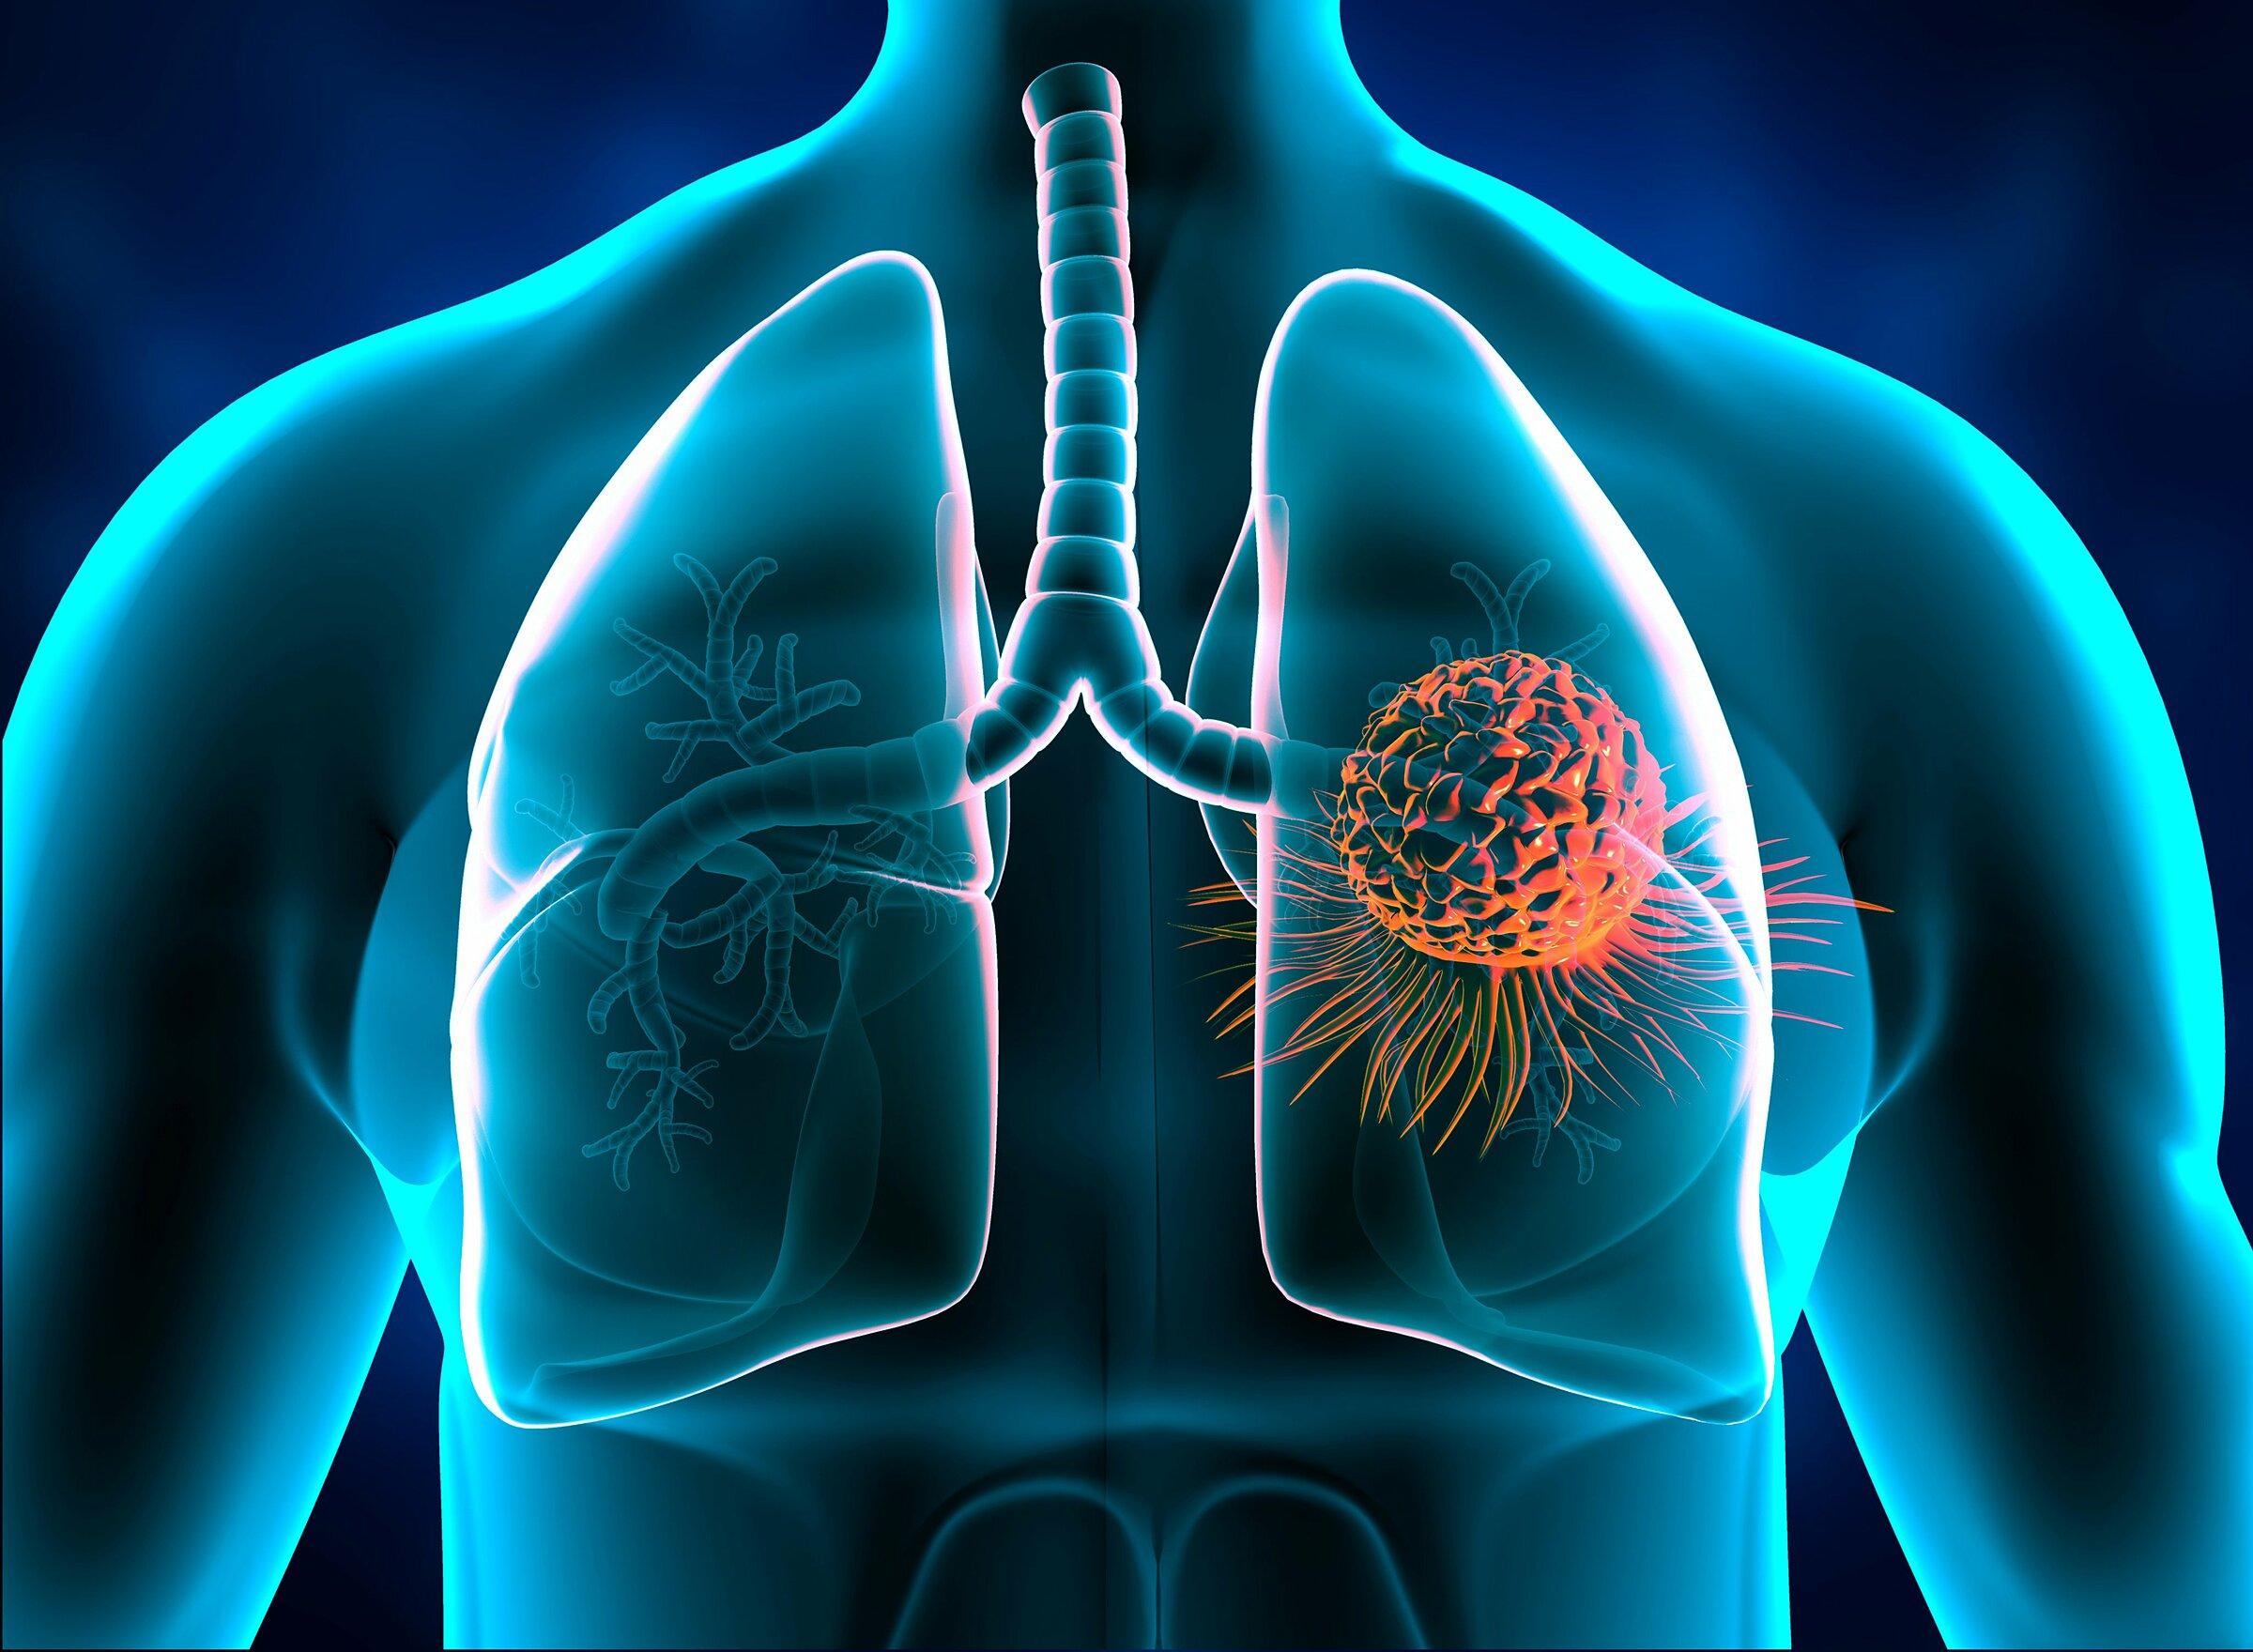 Ung thư phổi là bệnh phổ biến, thường có triệu chứng không rõ ràng ở giai đoạn đầu. Ảnh: Shutter stock.